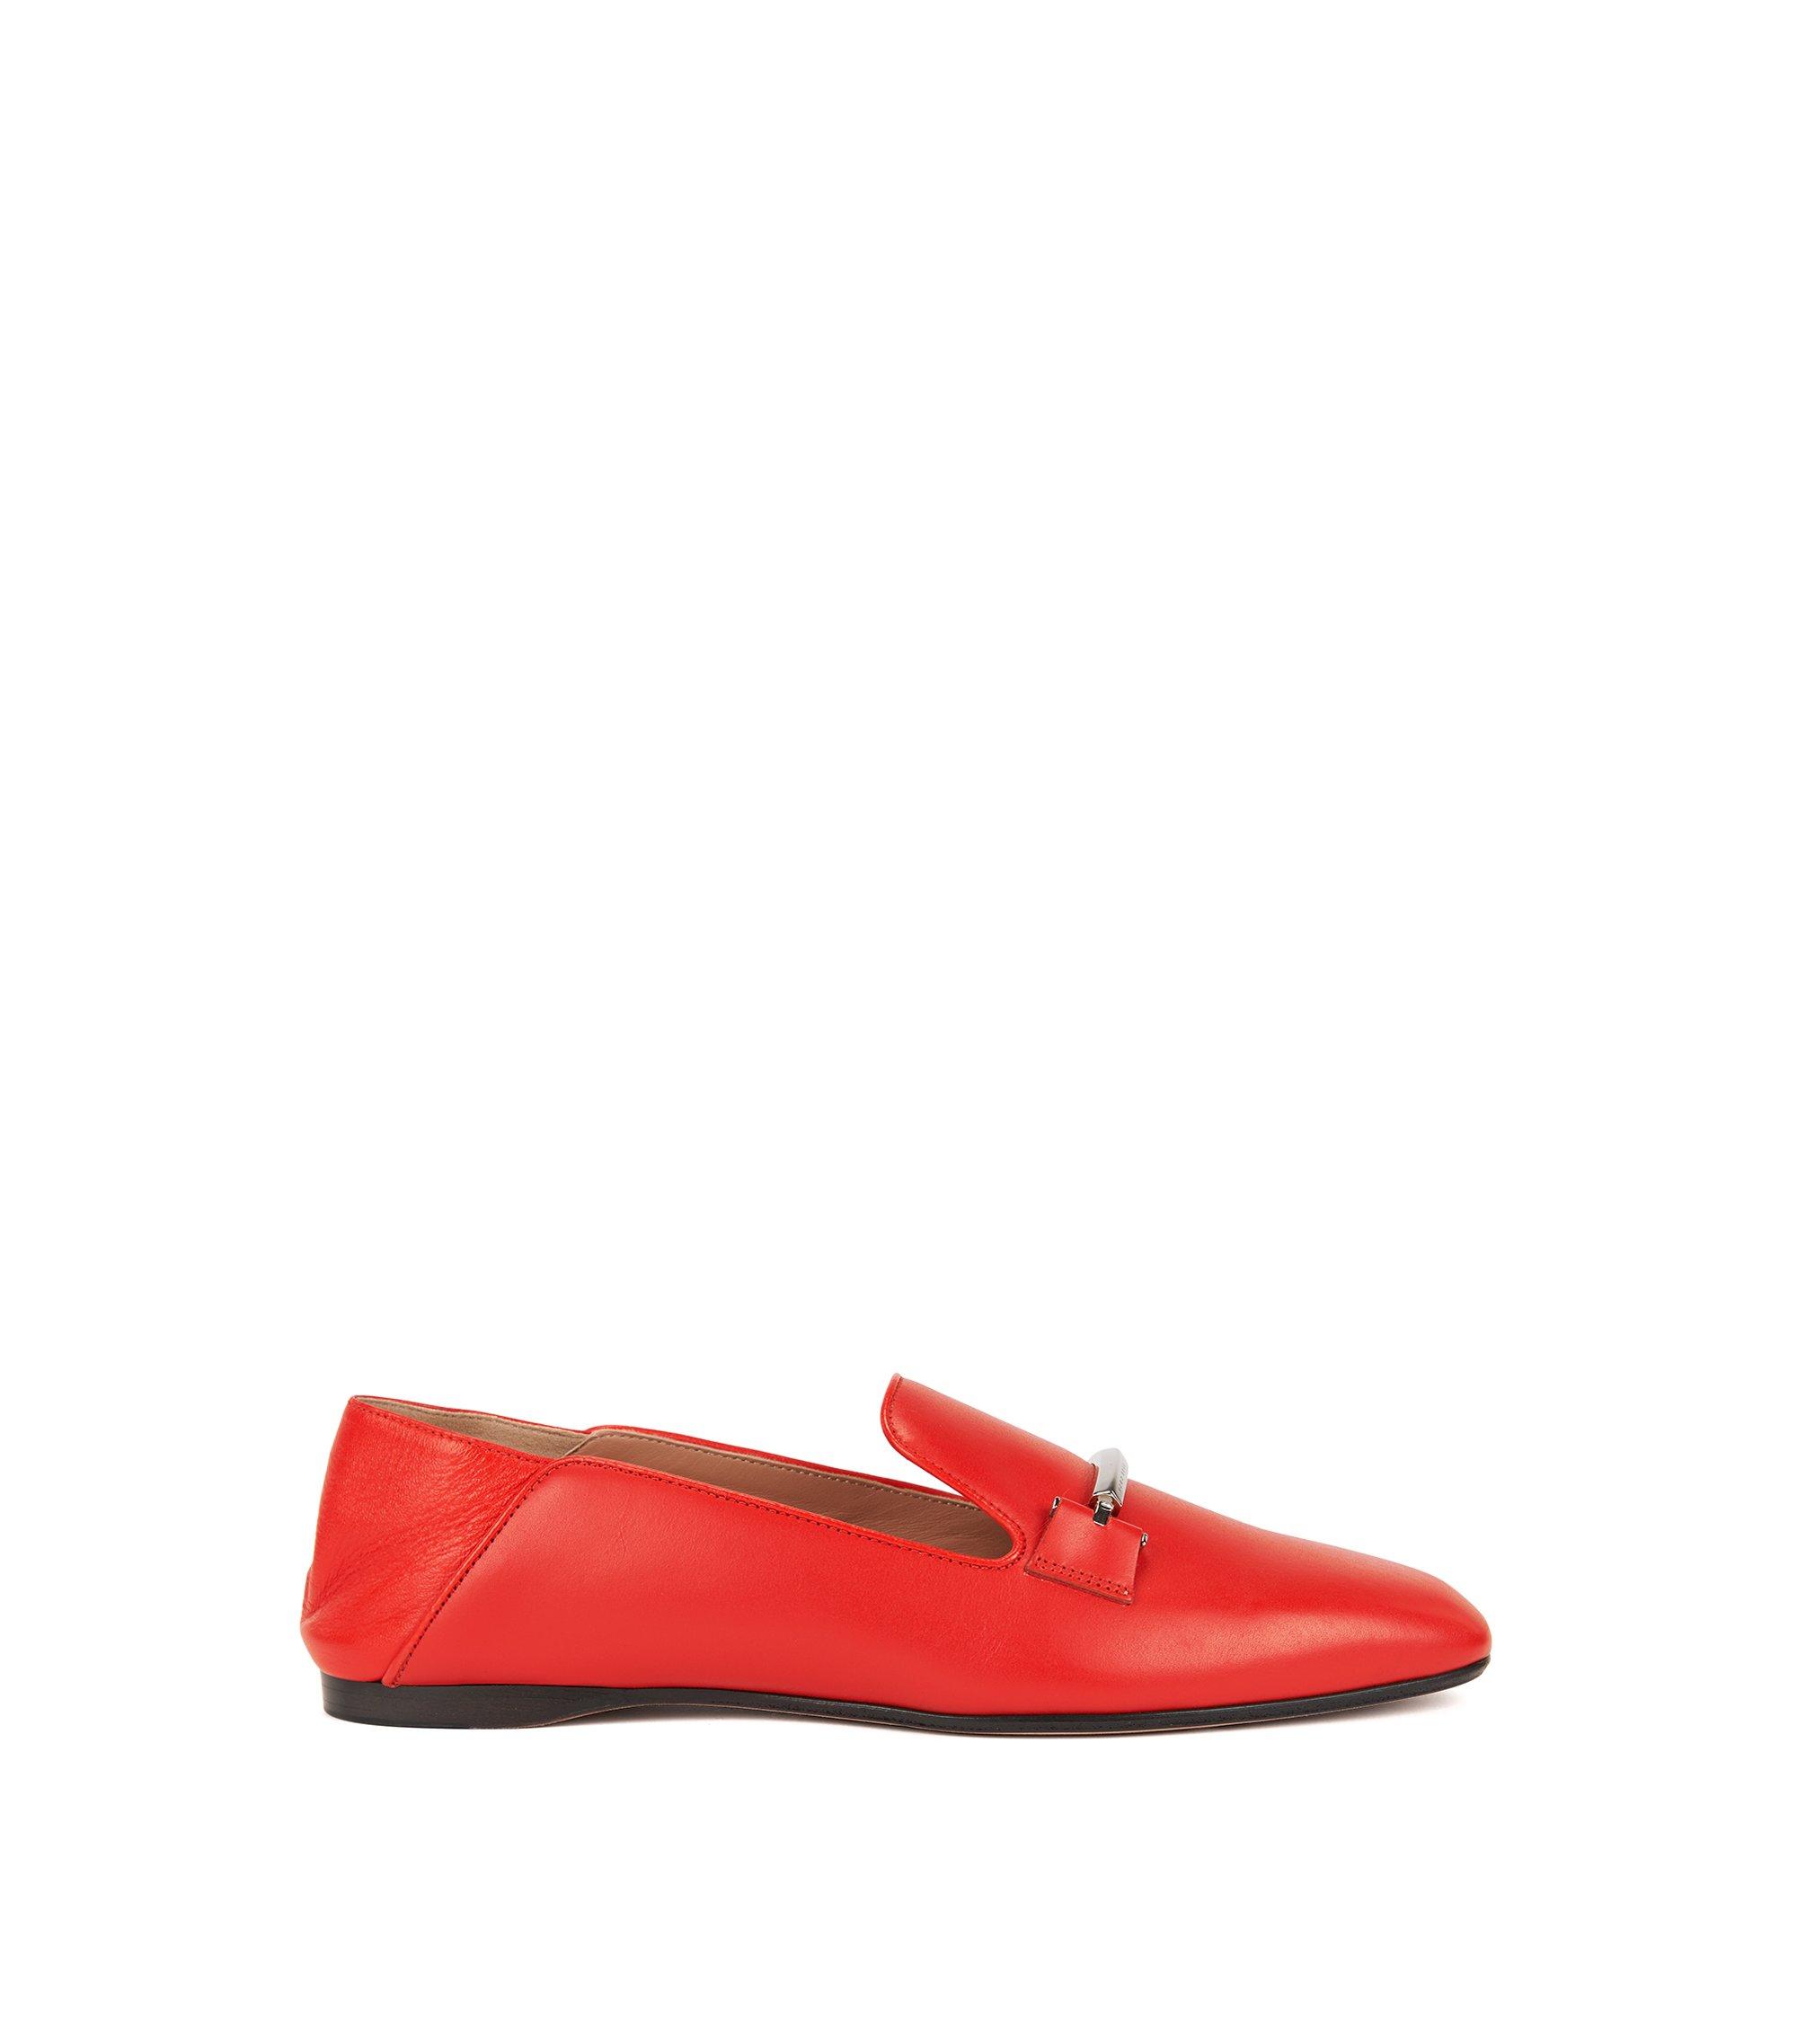 Loafer aus Leder mit umklappbarer Ferse, Rot